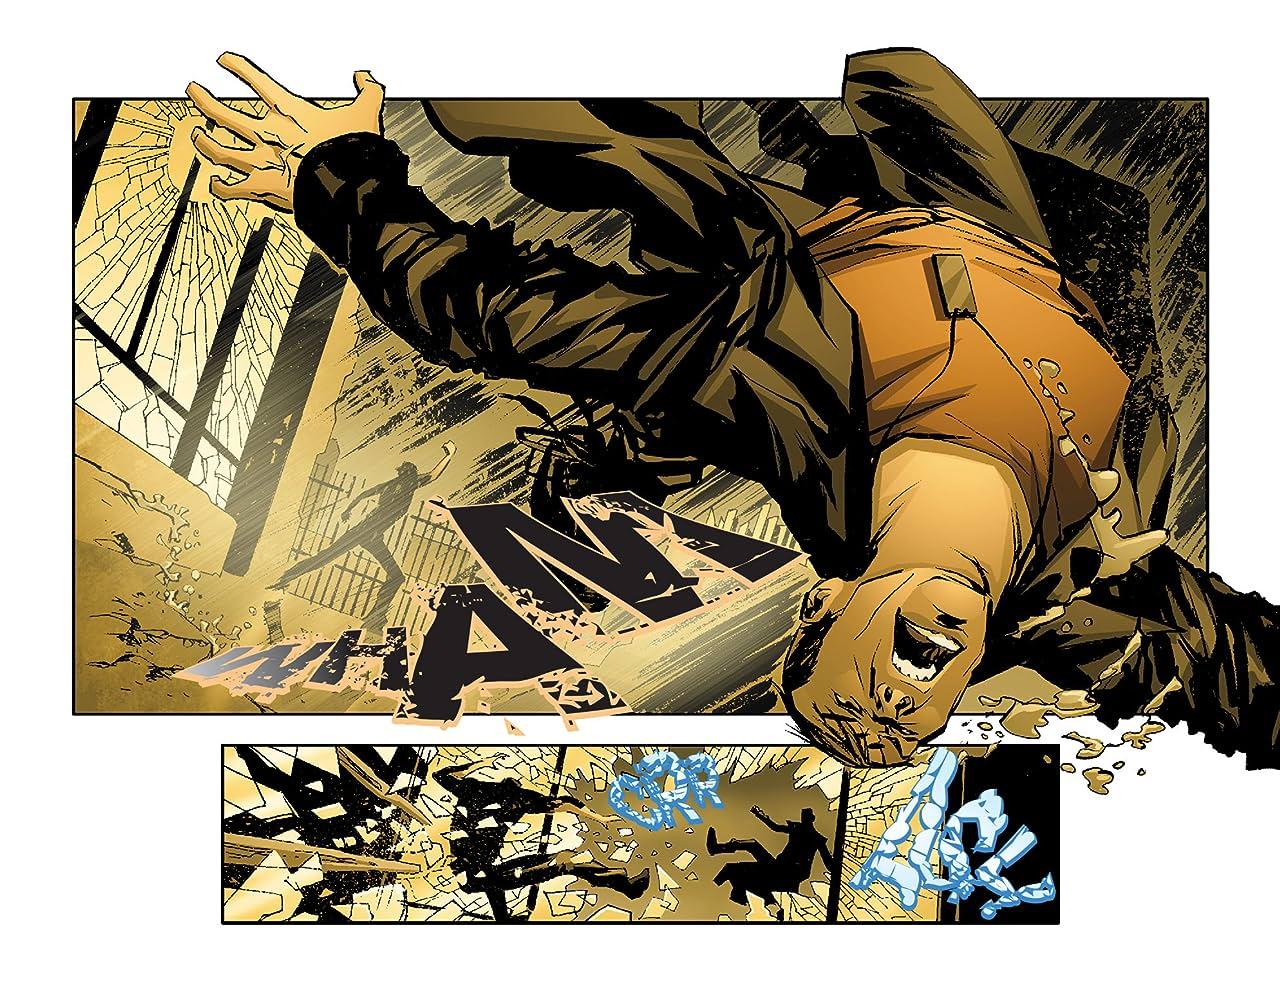 Smallville: Lantern #1